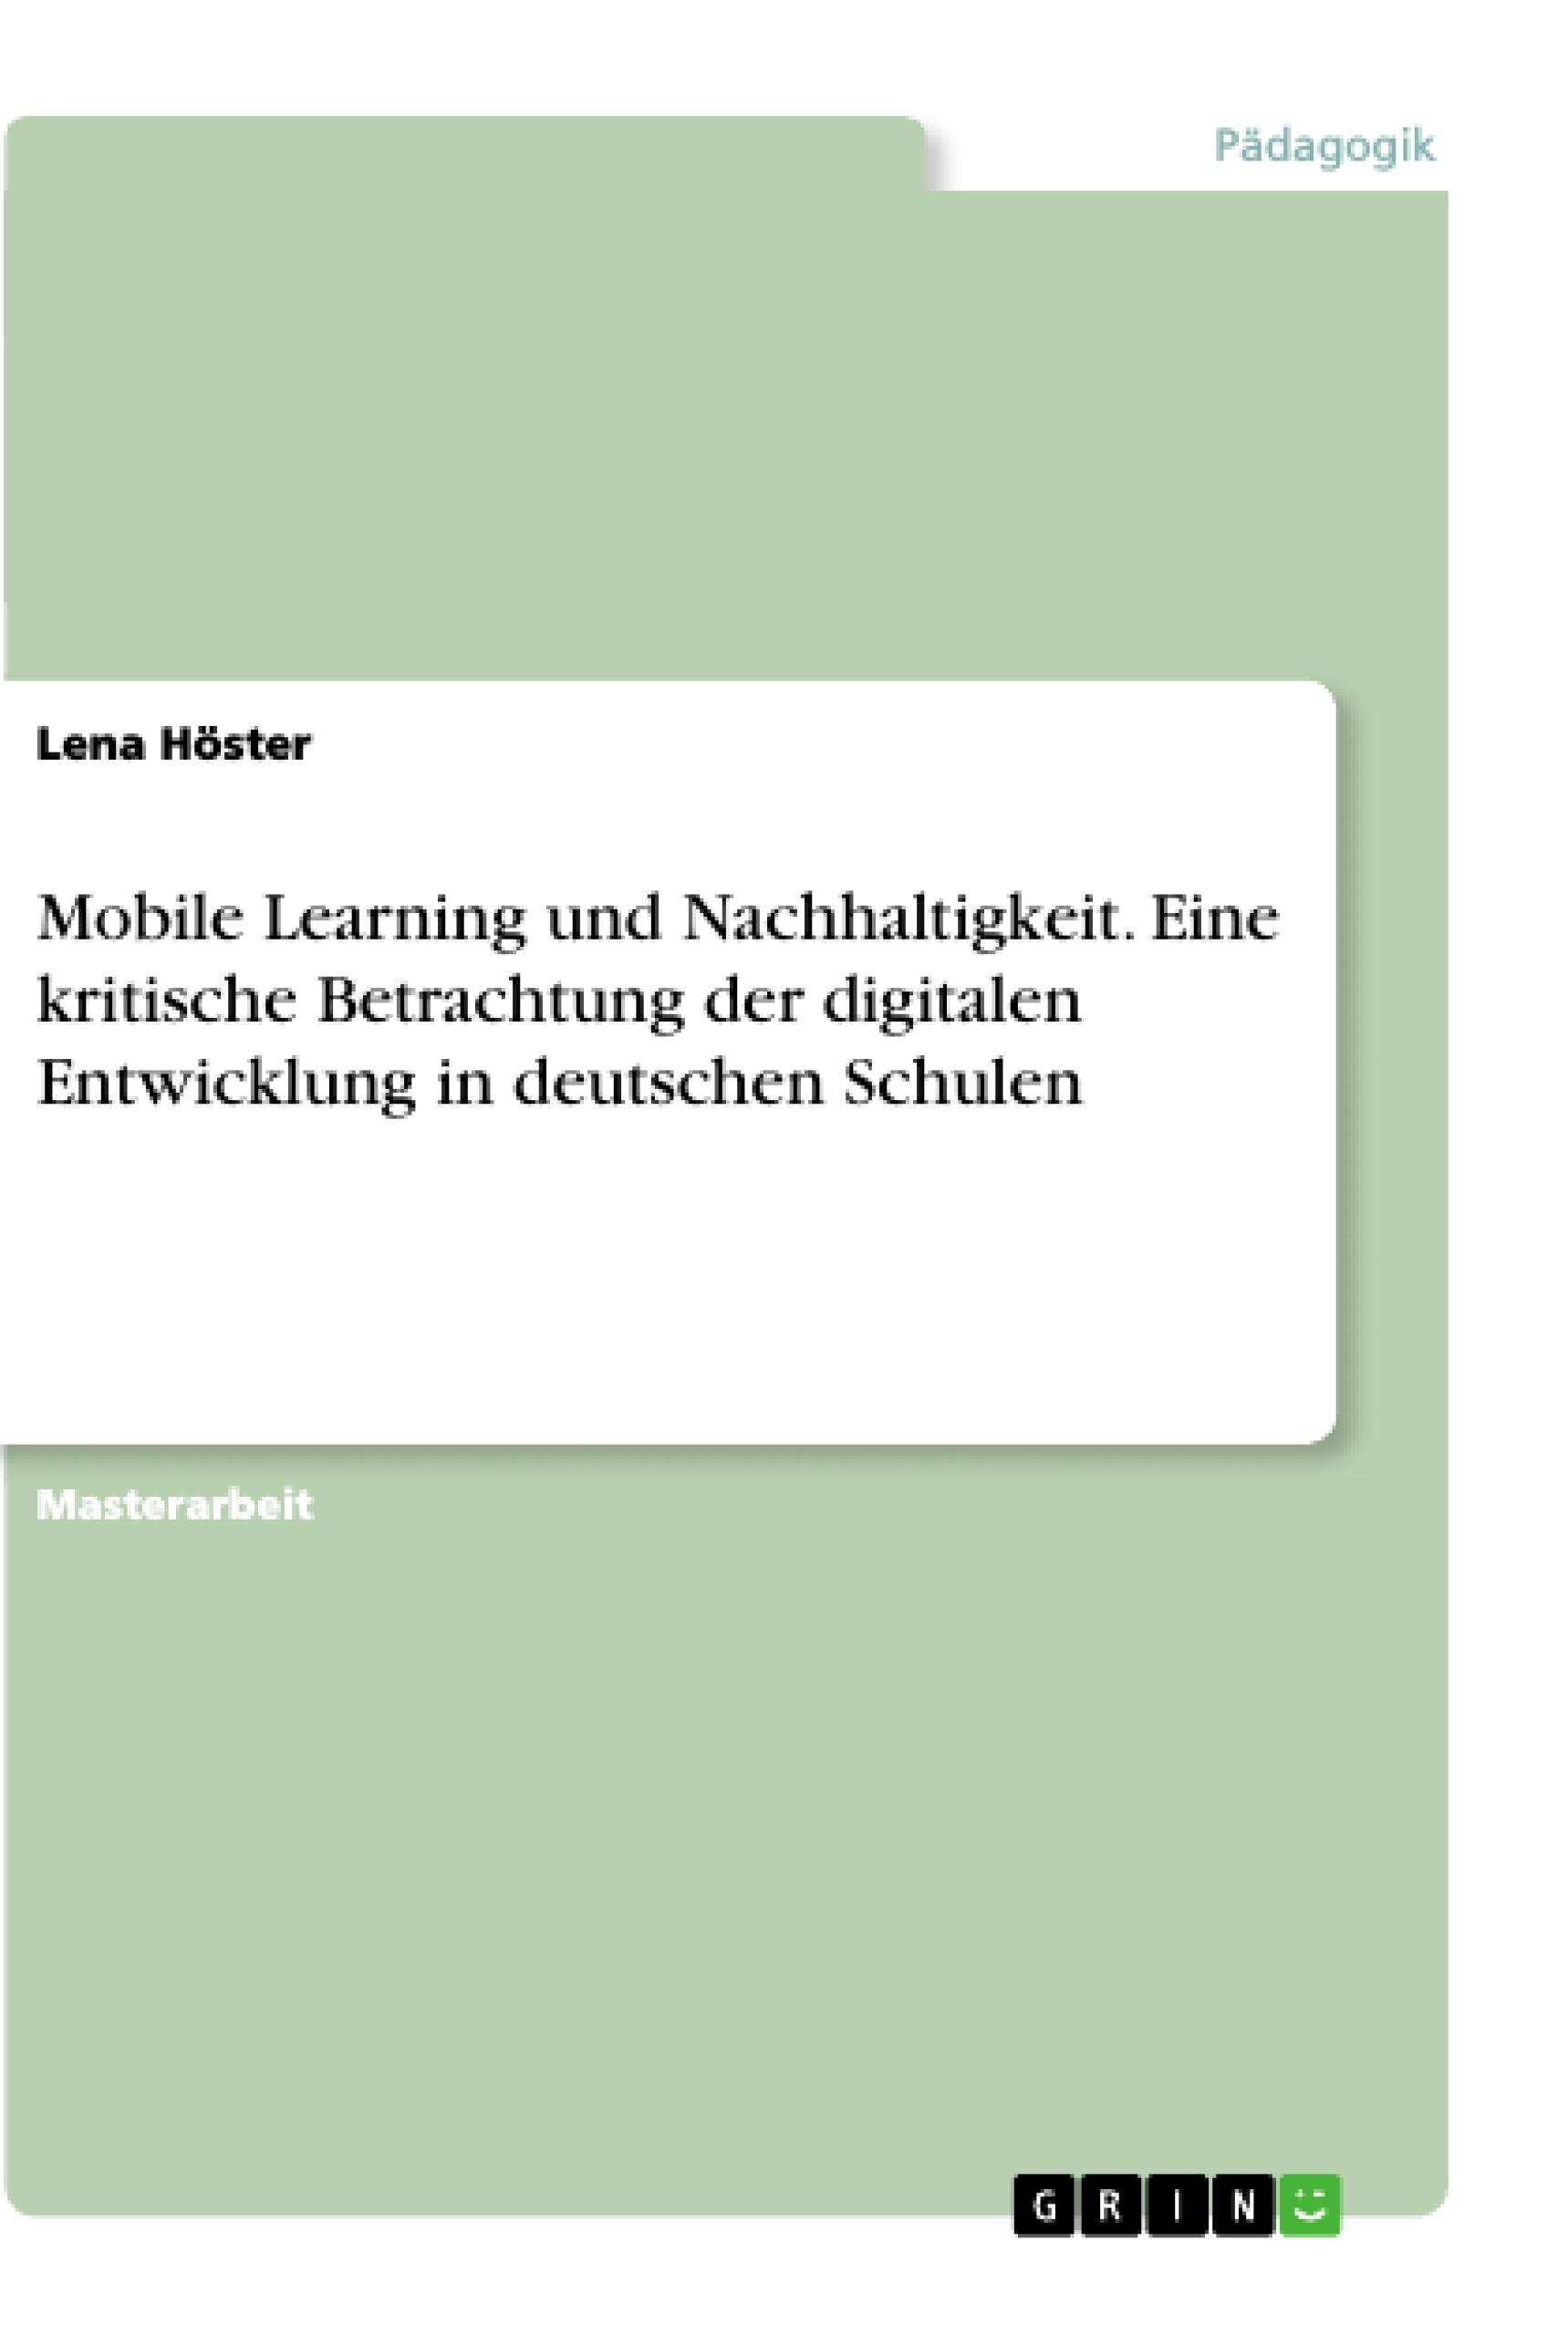 Titel: Mobile Learning und Nachhaltigkeit. Eine kritische Betrachtung der digitalen Entwicklung in deutschen Schulen